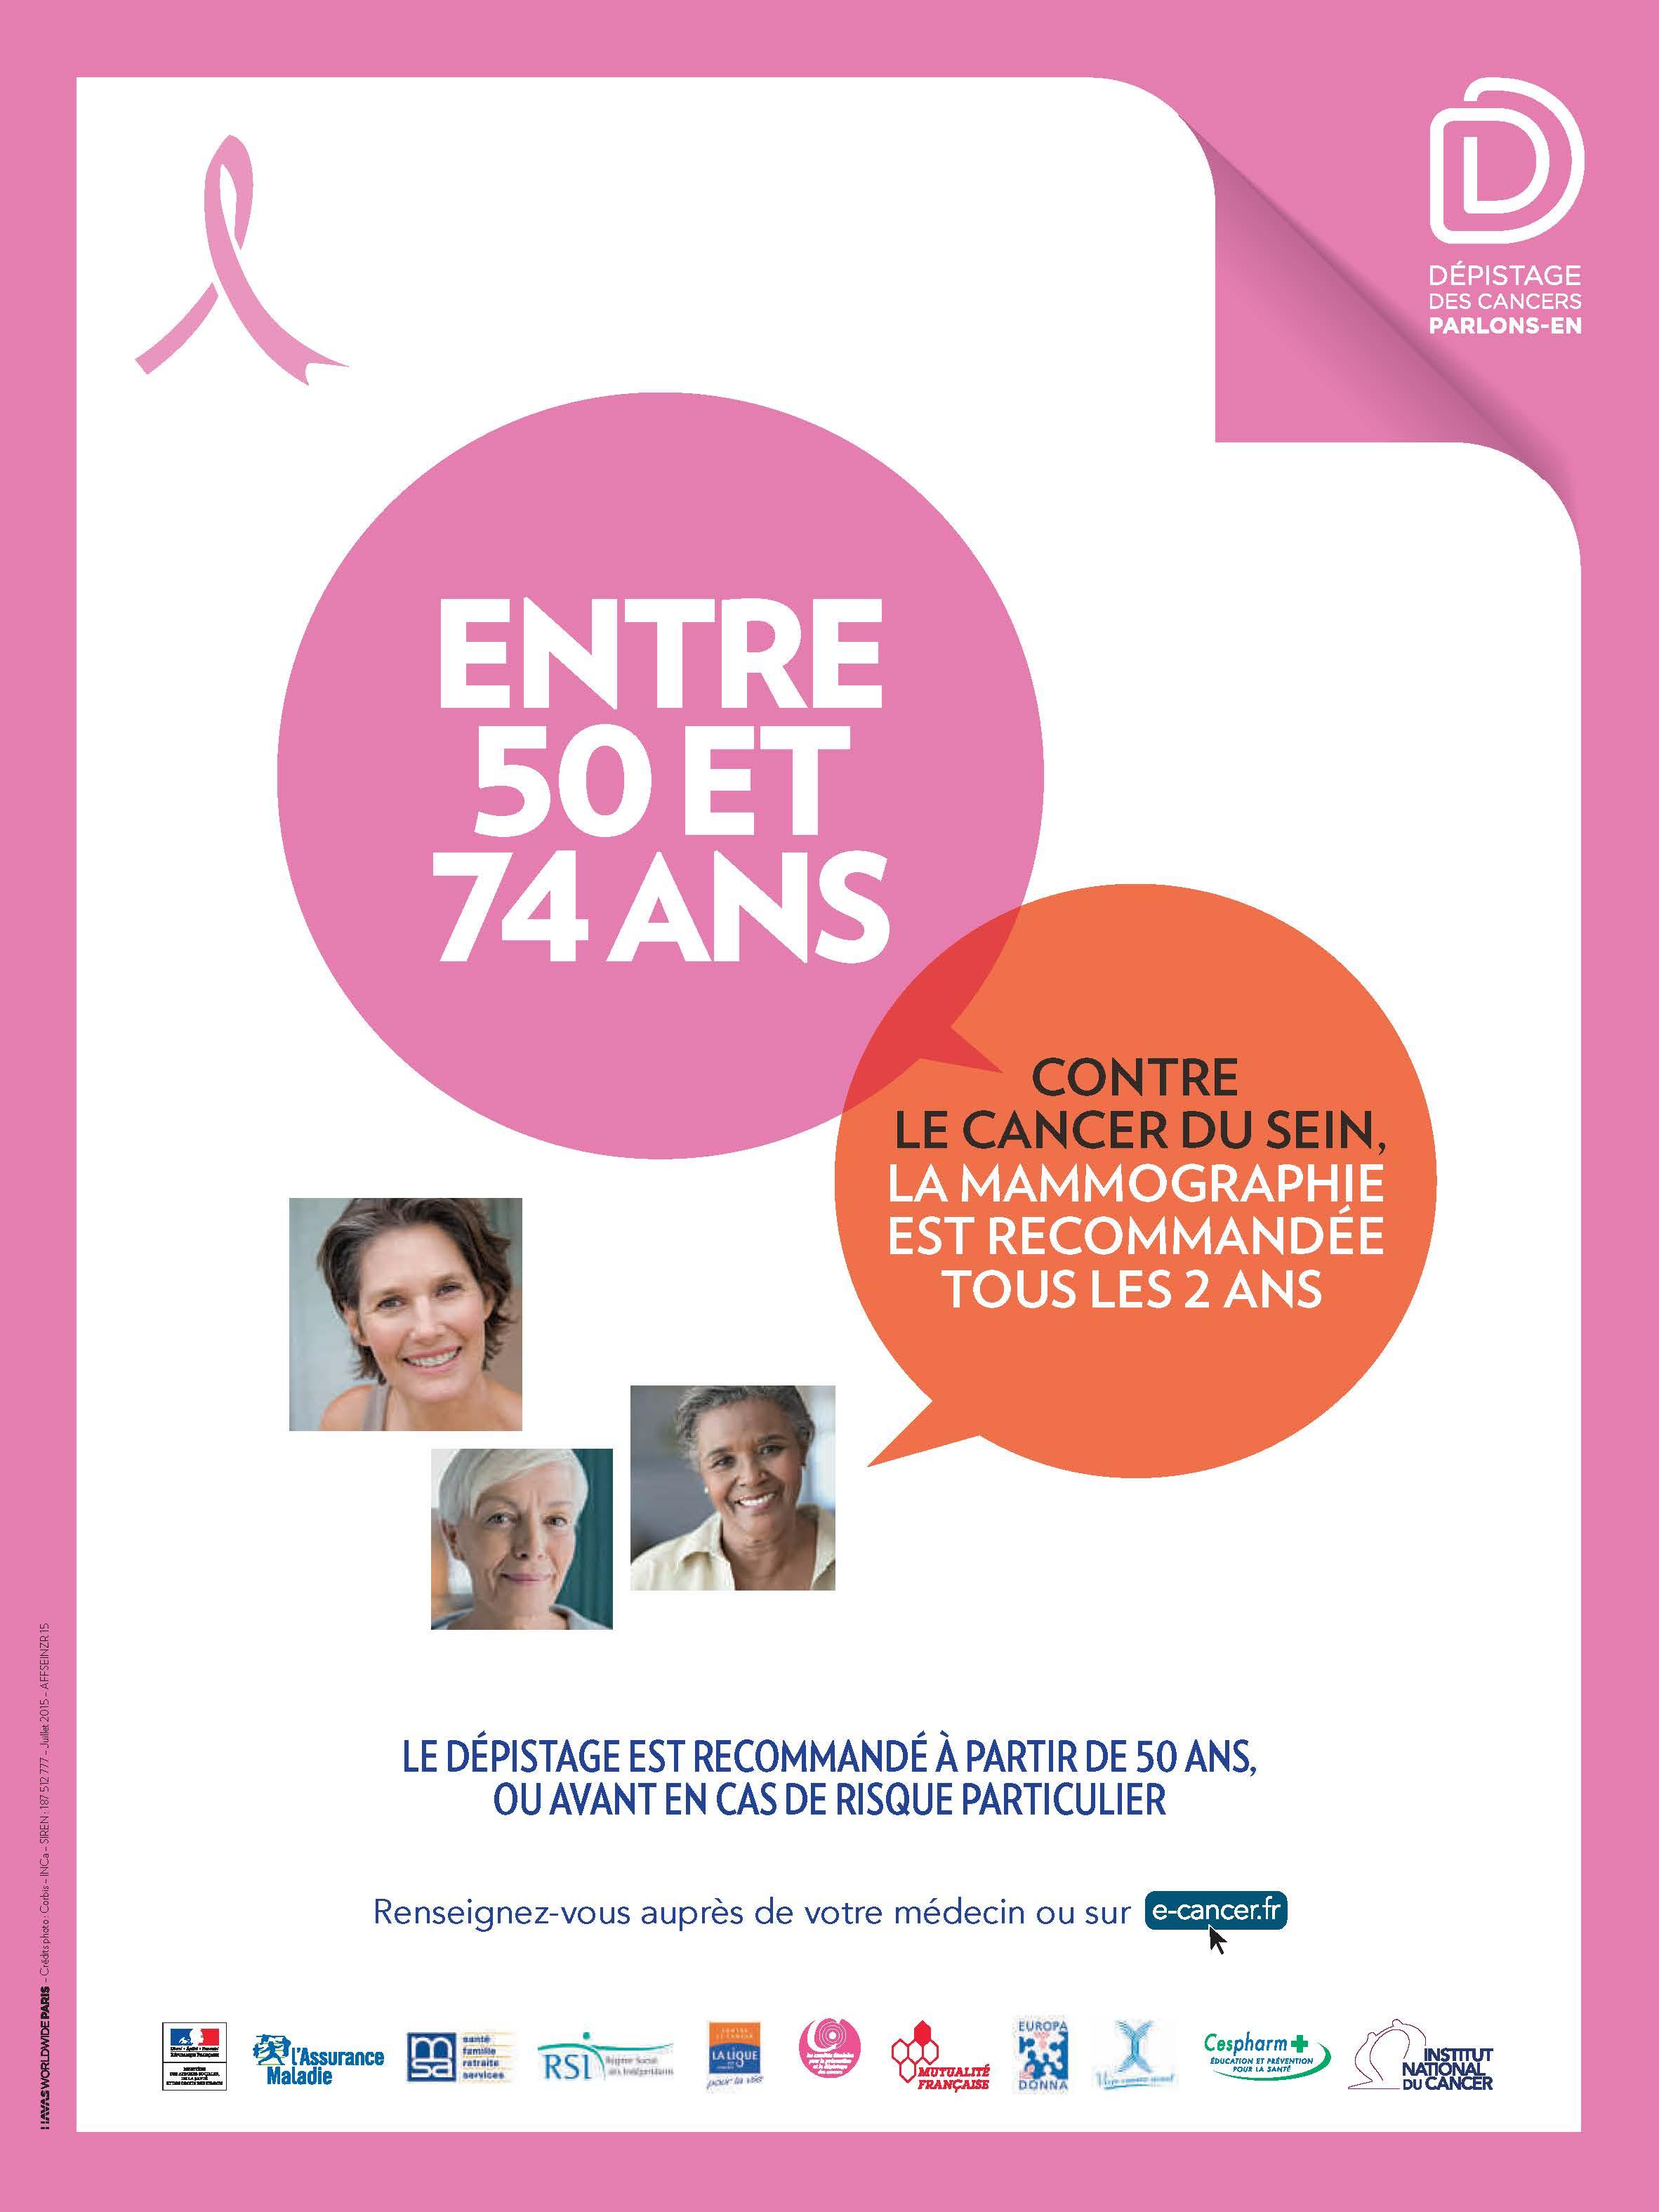 Dépistage du cancer du sein : Entre 50 et 74 ans